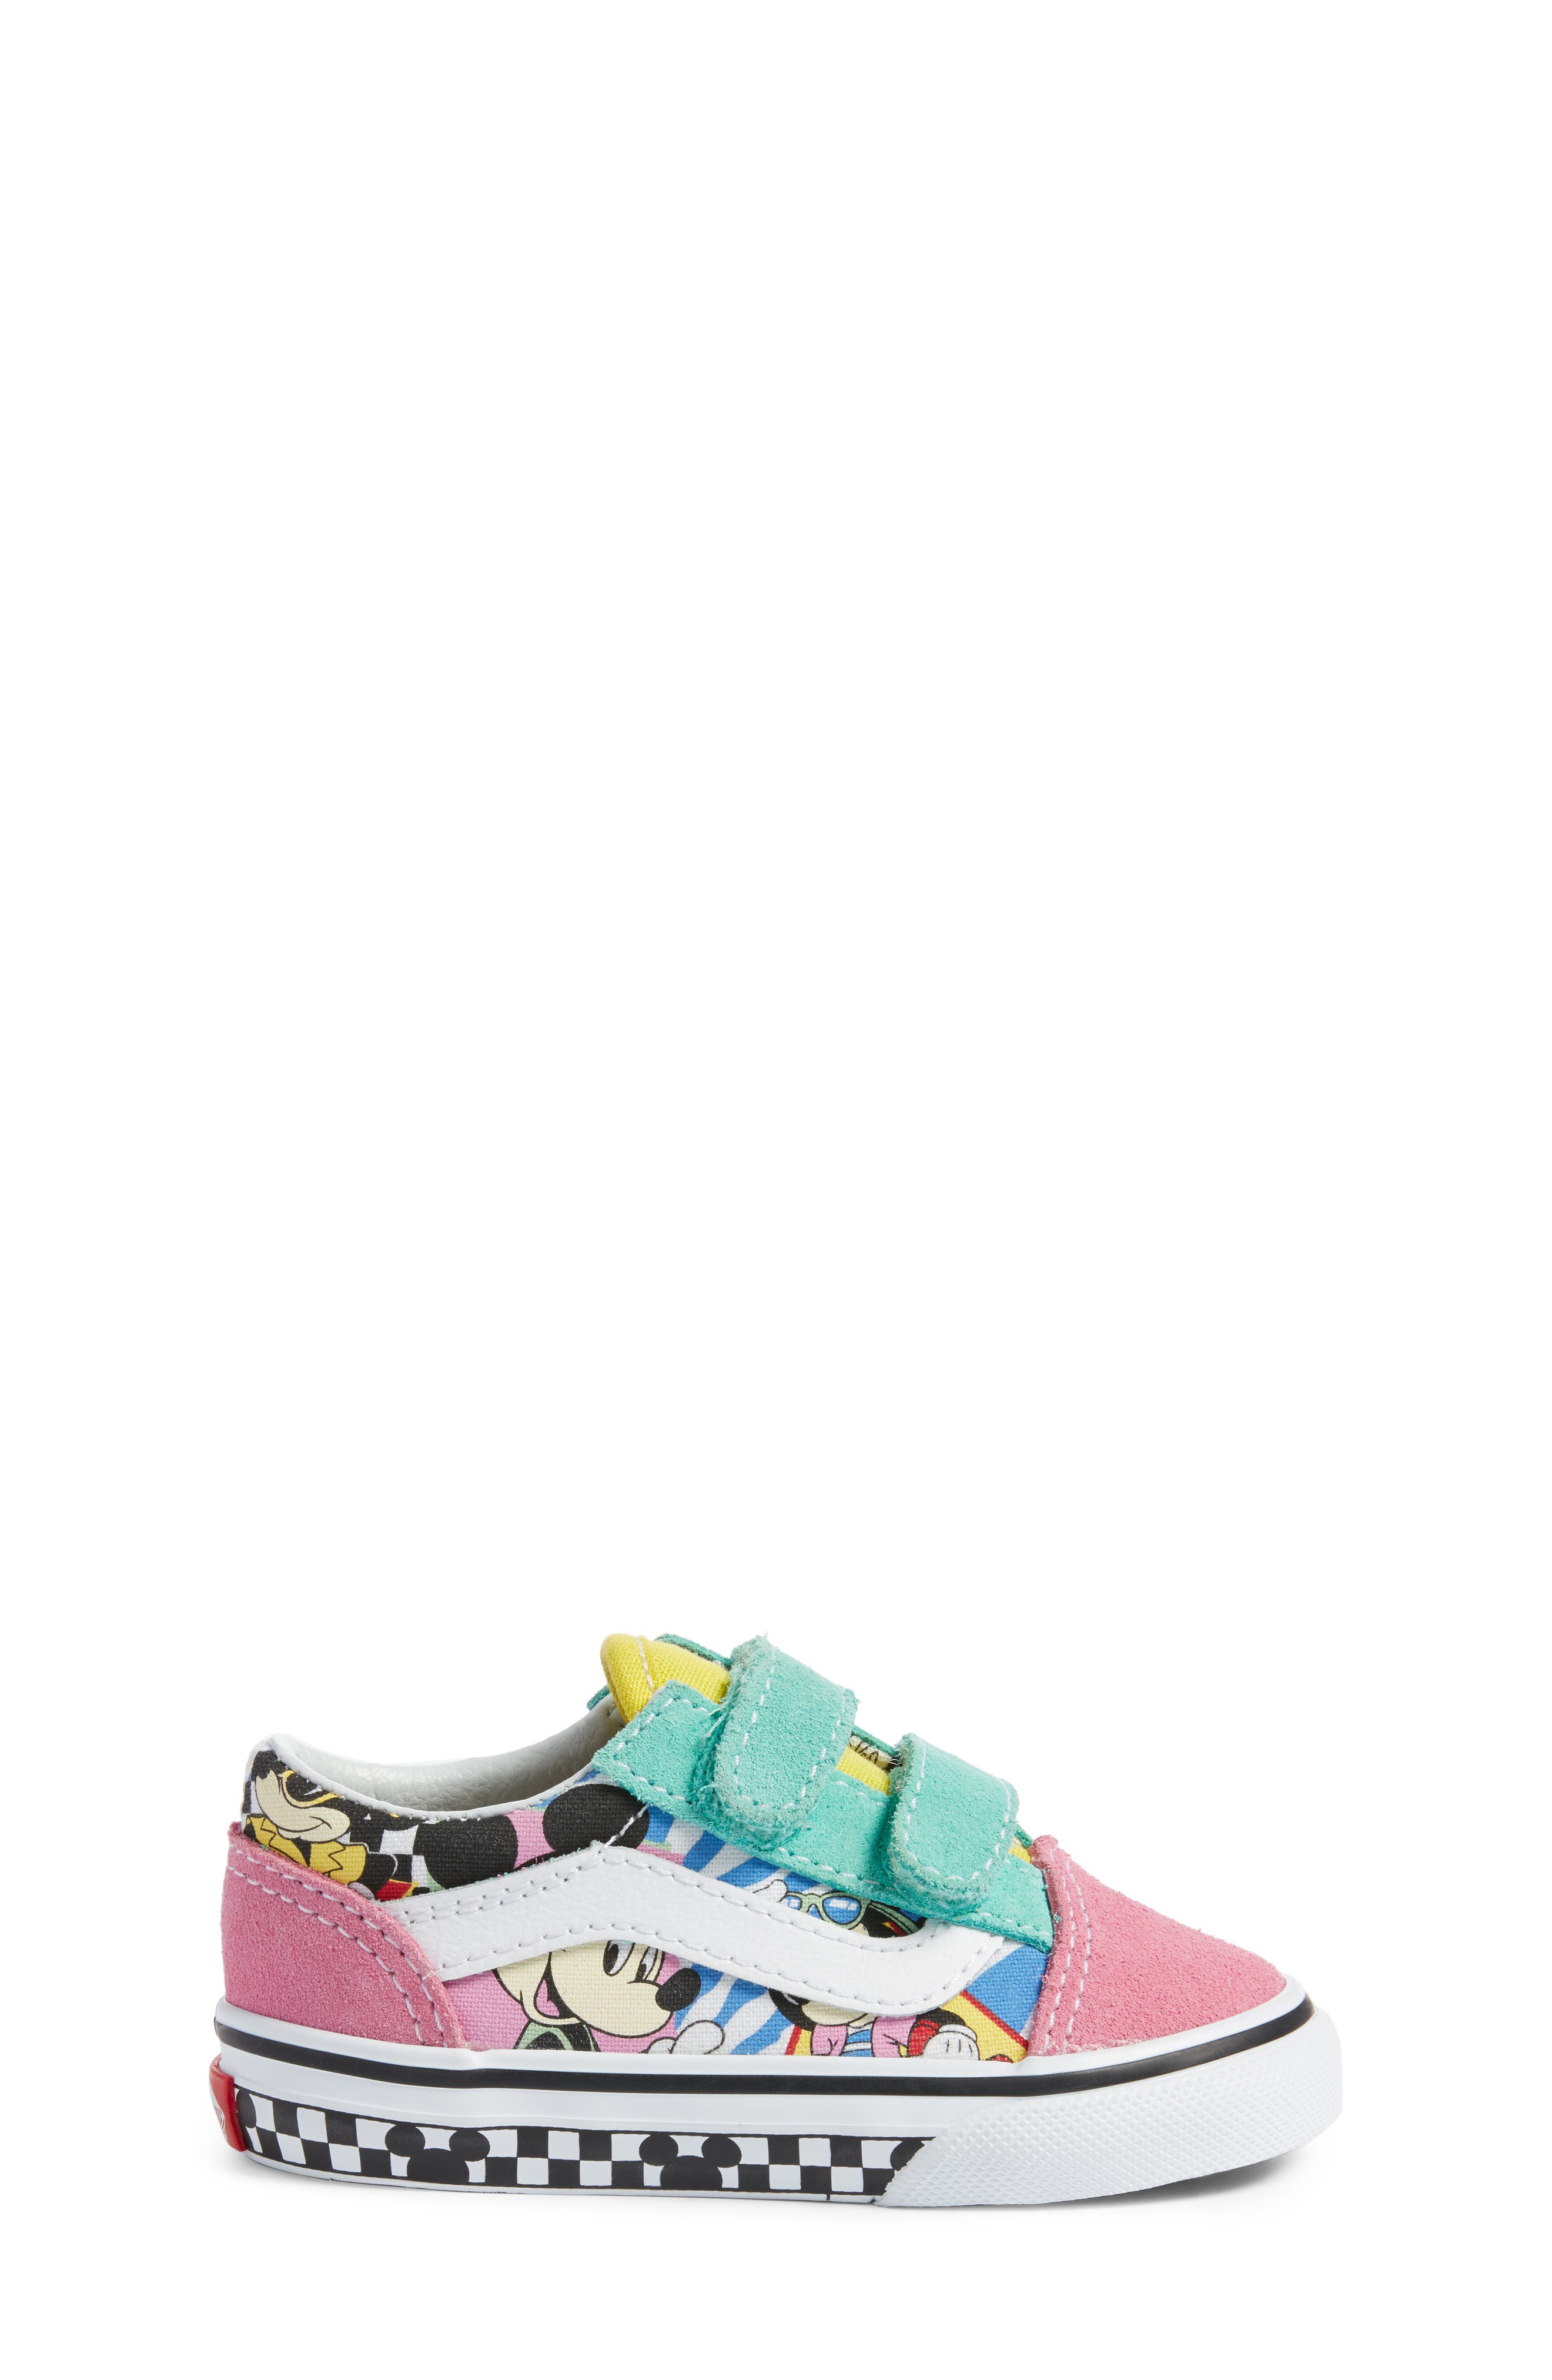 VANS, x Disney Old Skool V Sneaker, Alternate thumbnail 3, color, 650